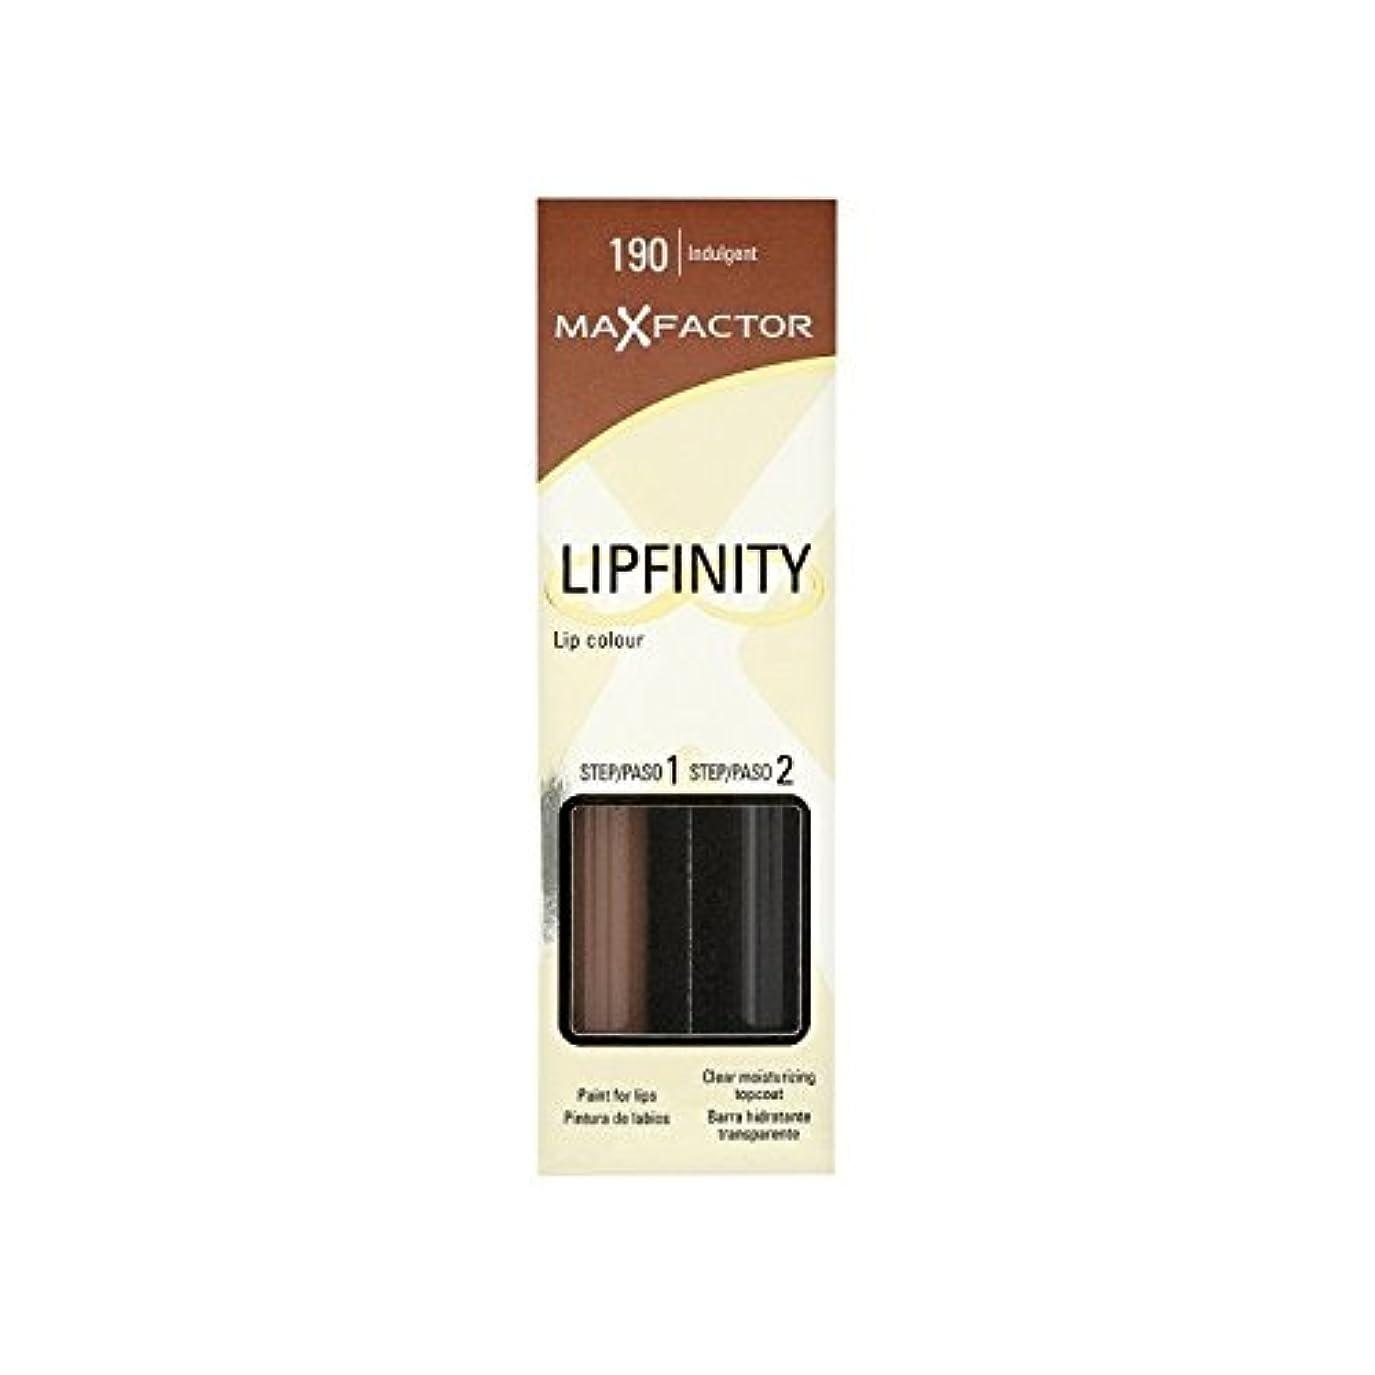 ダウン旋回ひらめきマックスファクターの口紅甘い190 x4 - Max Factor Lipfinity Longwear Lipstick Indulgent 190 (Pack of 4) [並行輸入品]